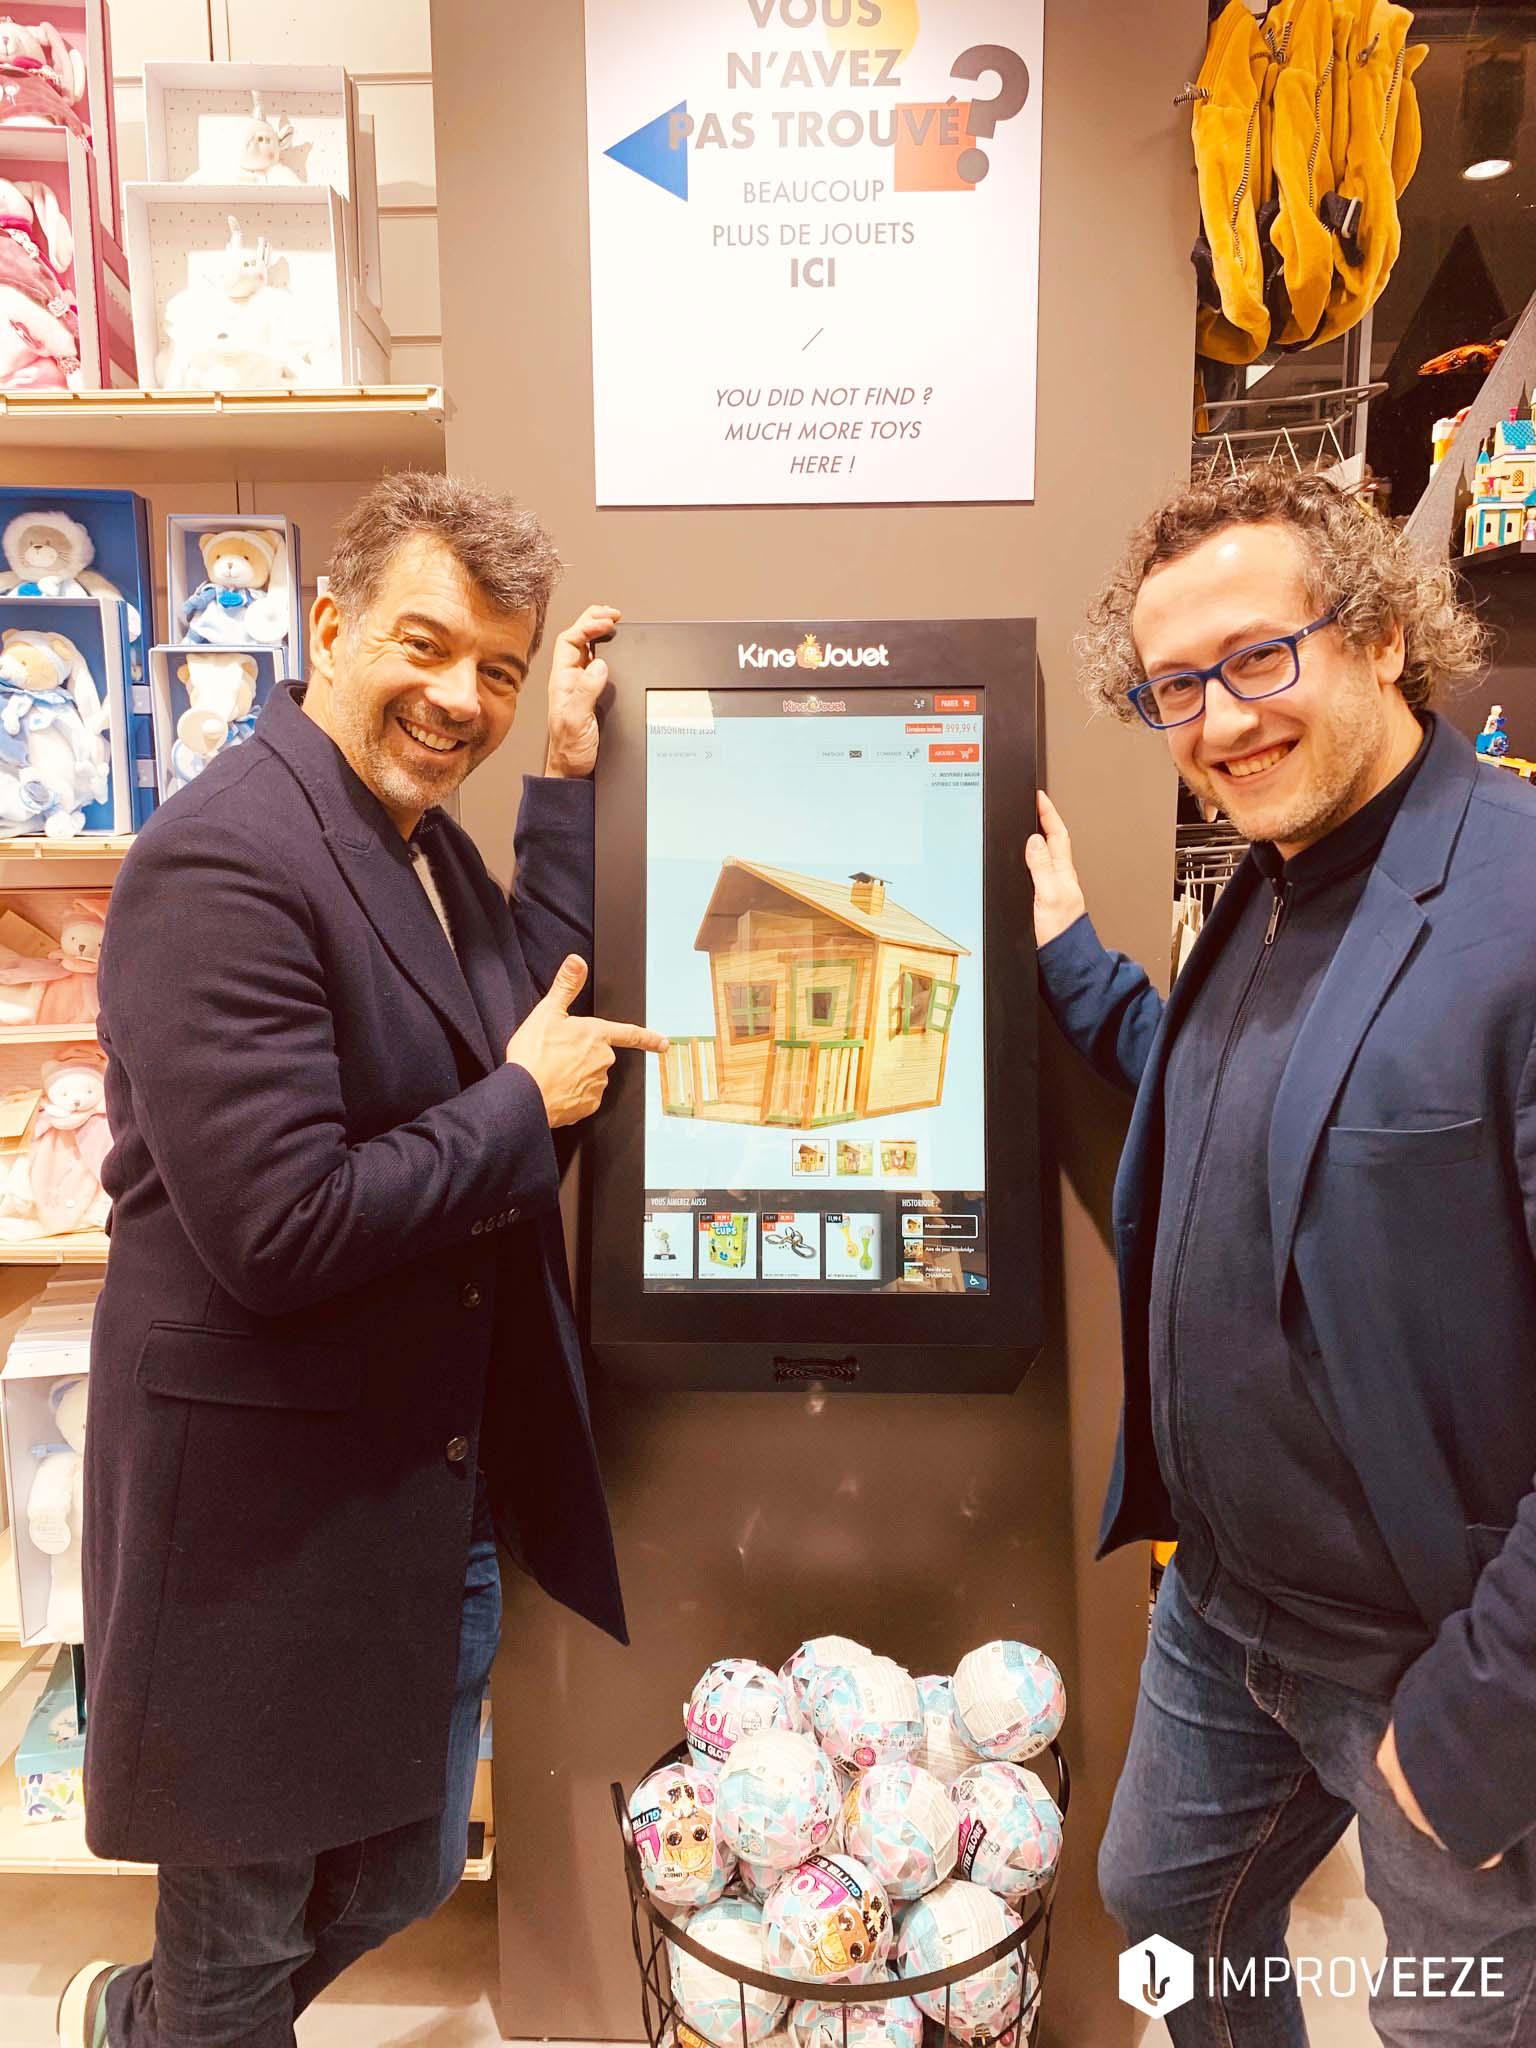 Maxence Dislaire et Stéphane Plaza devant une borne phygitale chez King Jouet Rivoli